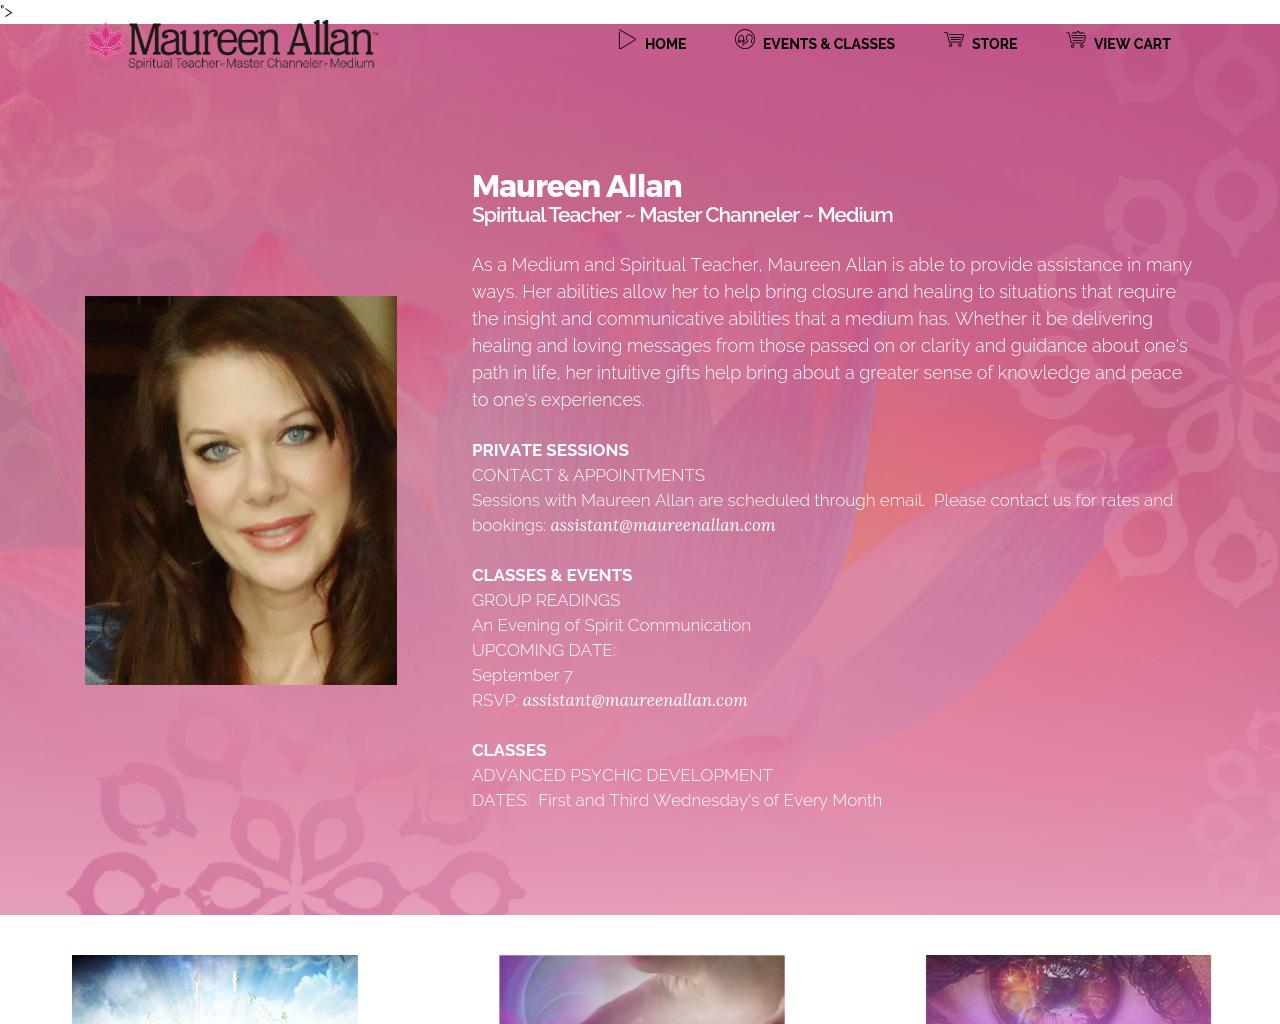 Maureen-Allan-Advertising-Reviews-Pricing